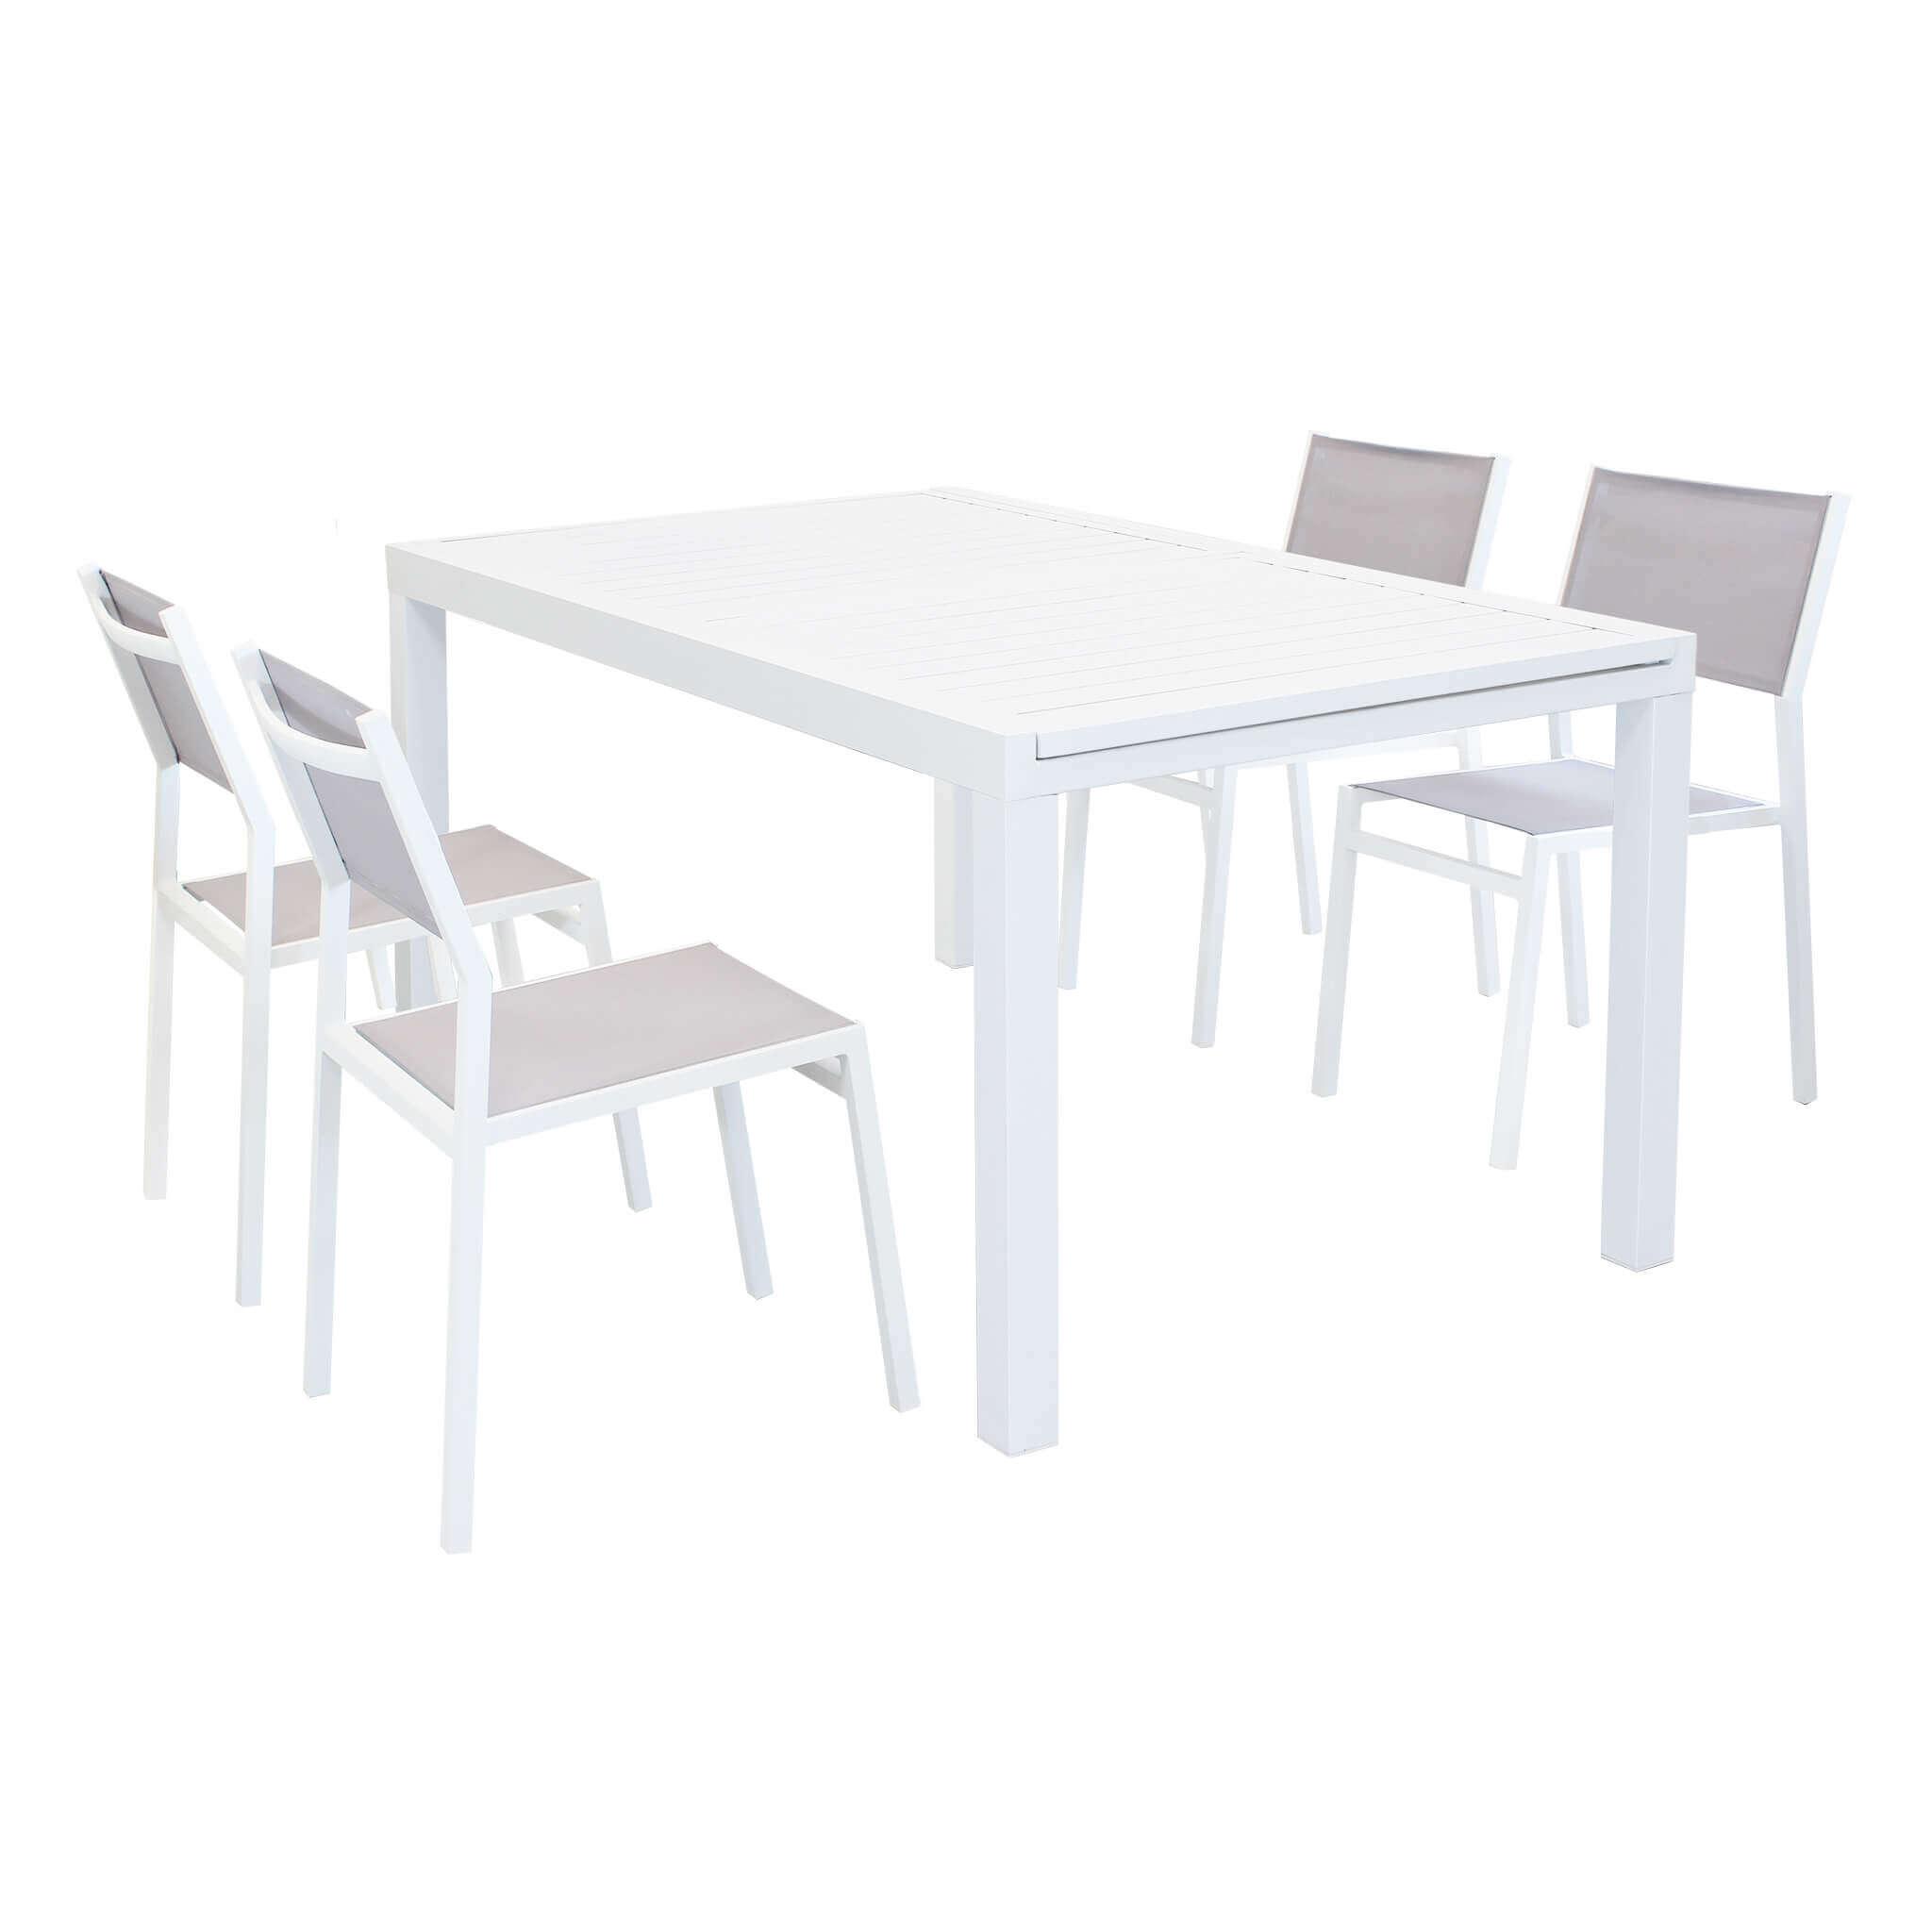 milani home dexter - set tavolo giardino rettangolare allungabile 160/240 x 90 con 4 sedie in alluminio bianco e textilene da esterno